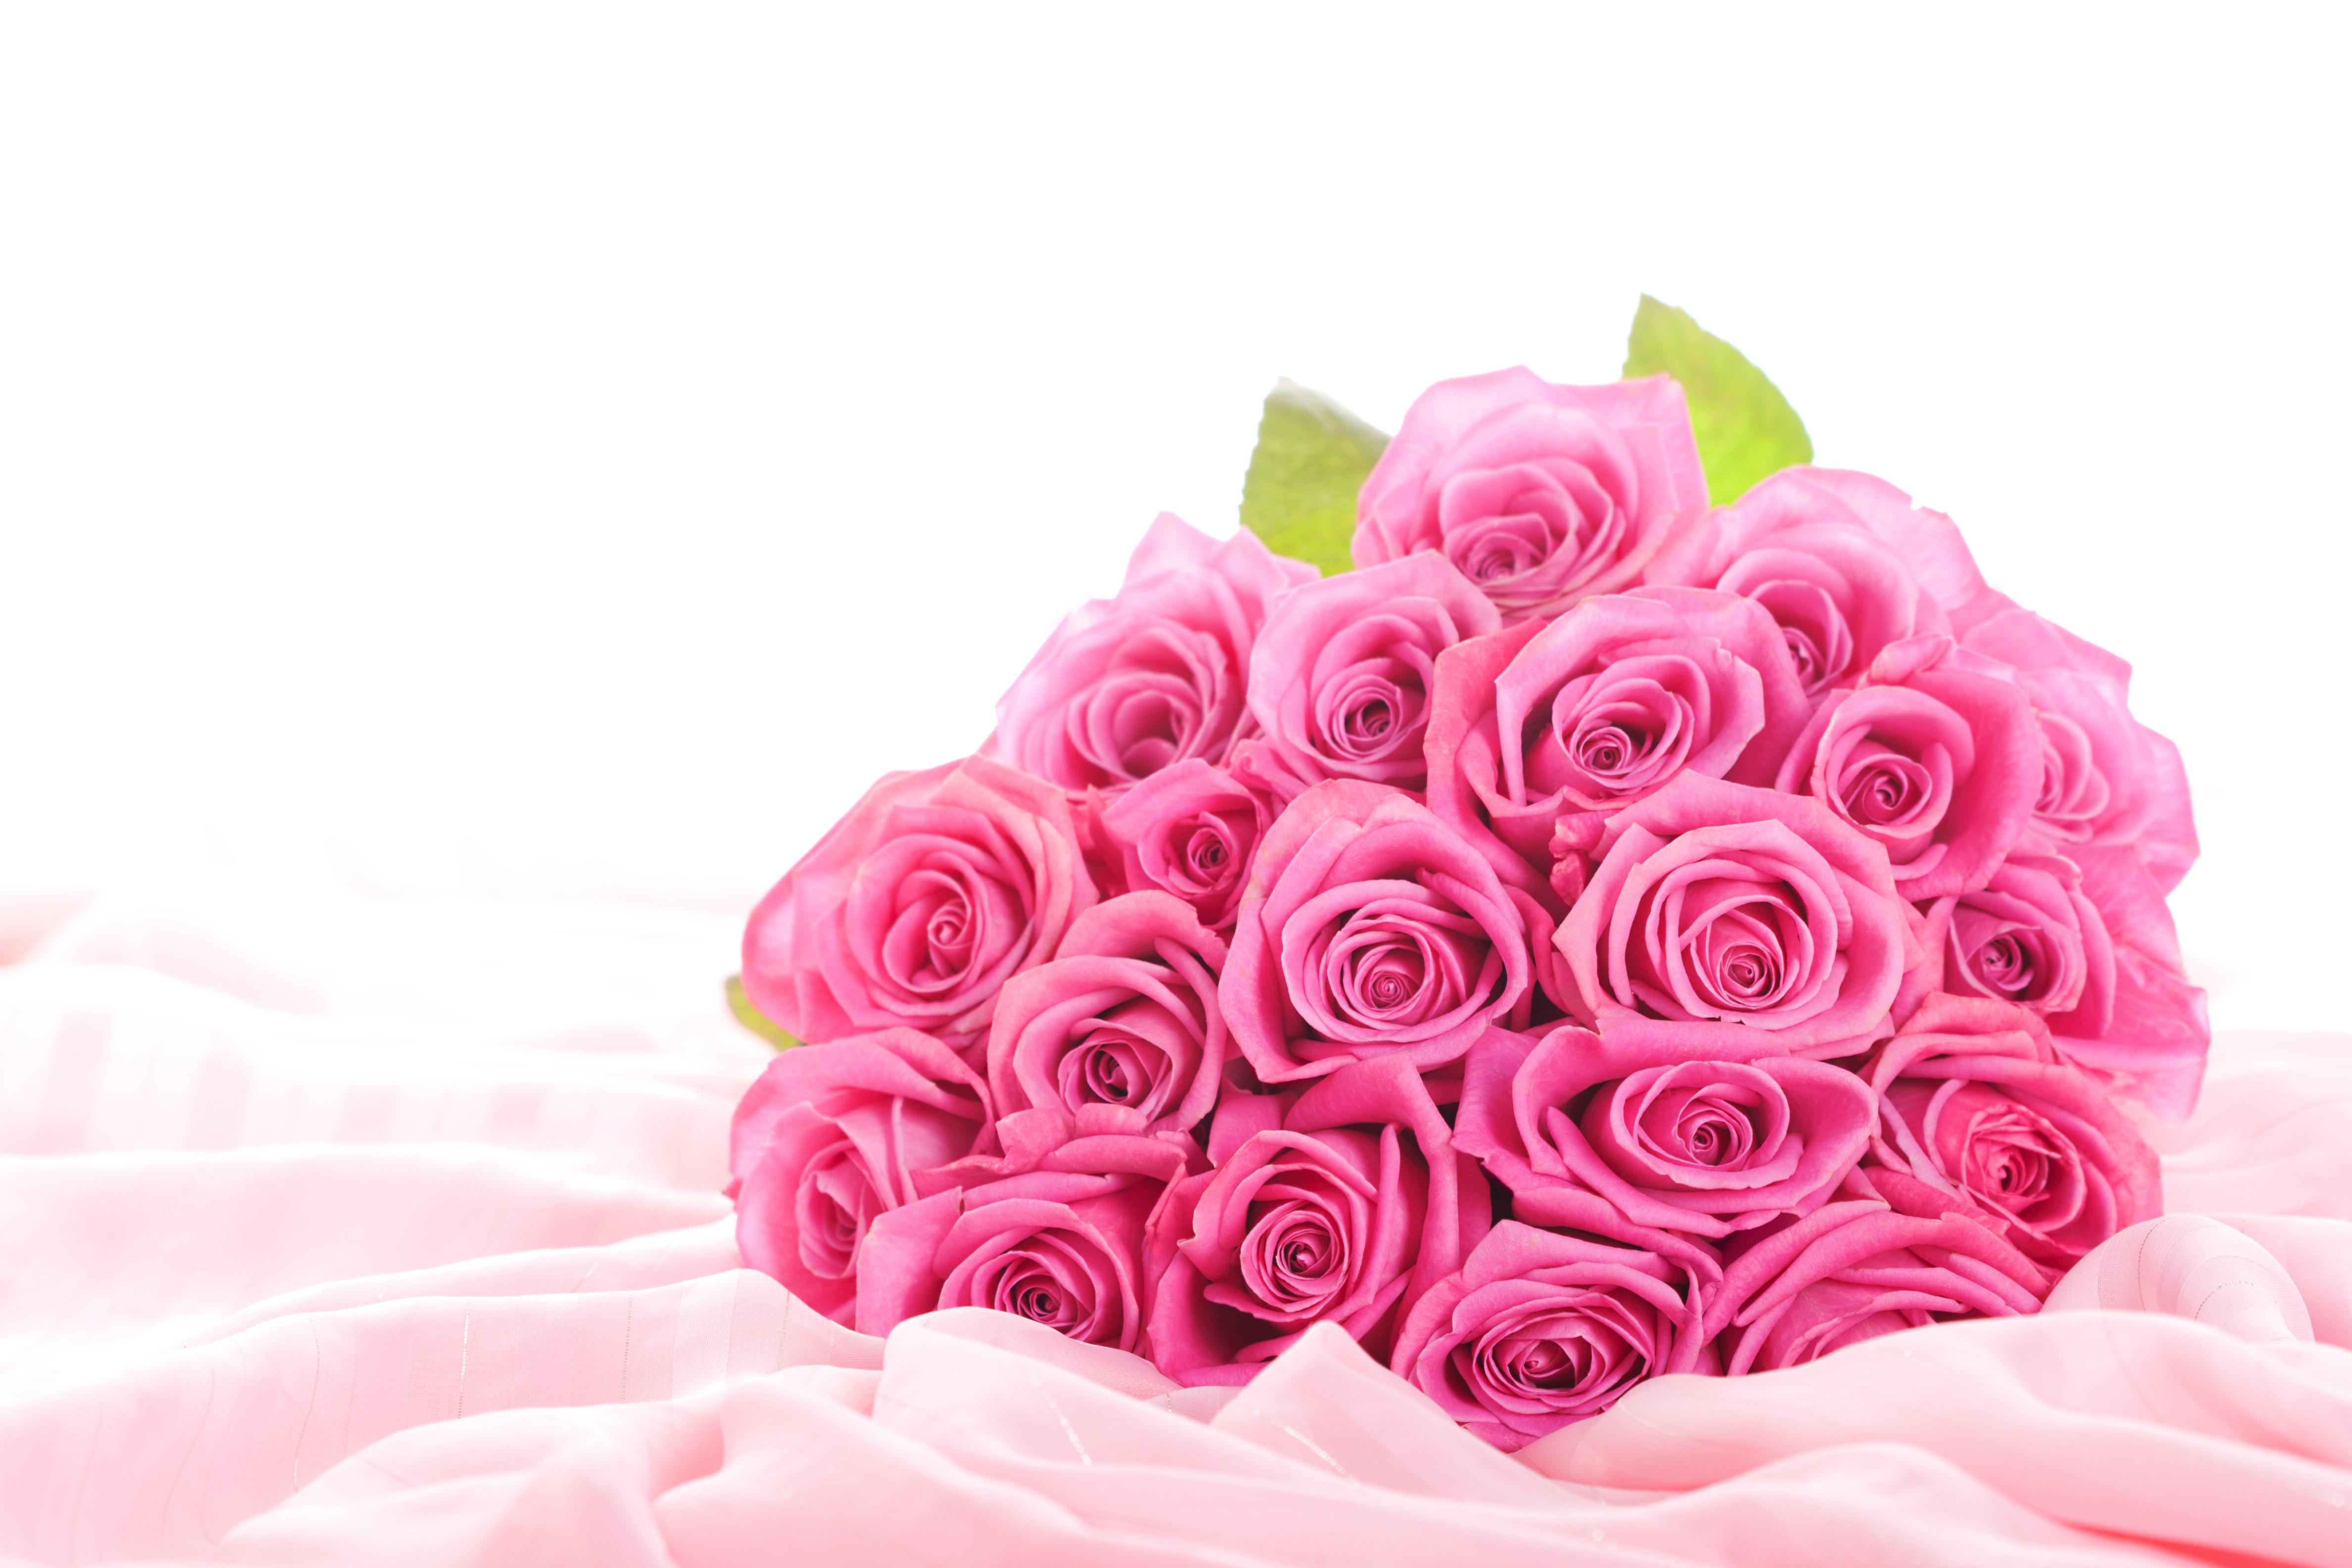 Открытка с днем рождения женщине с цветами без слов